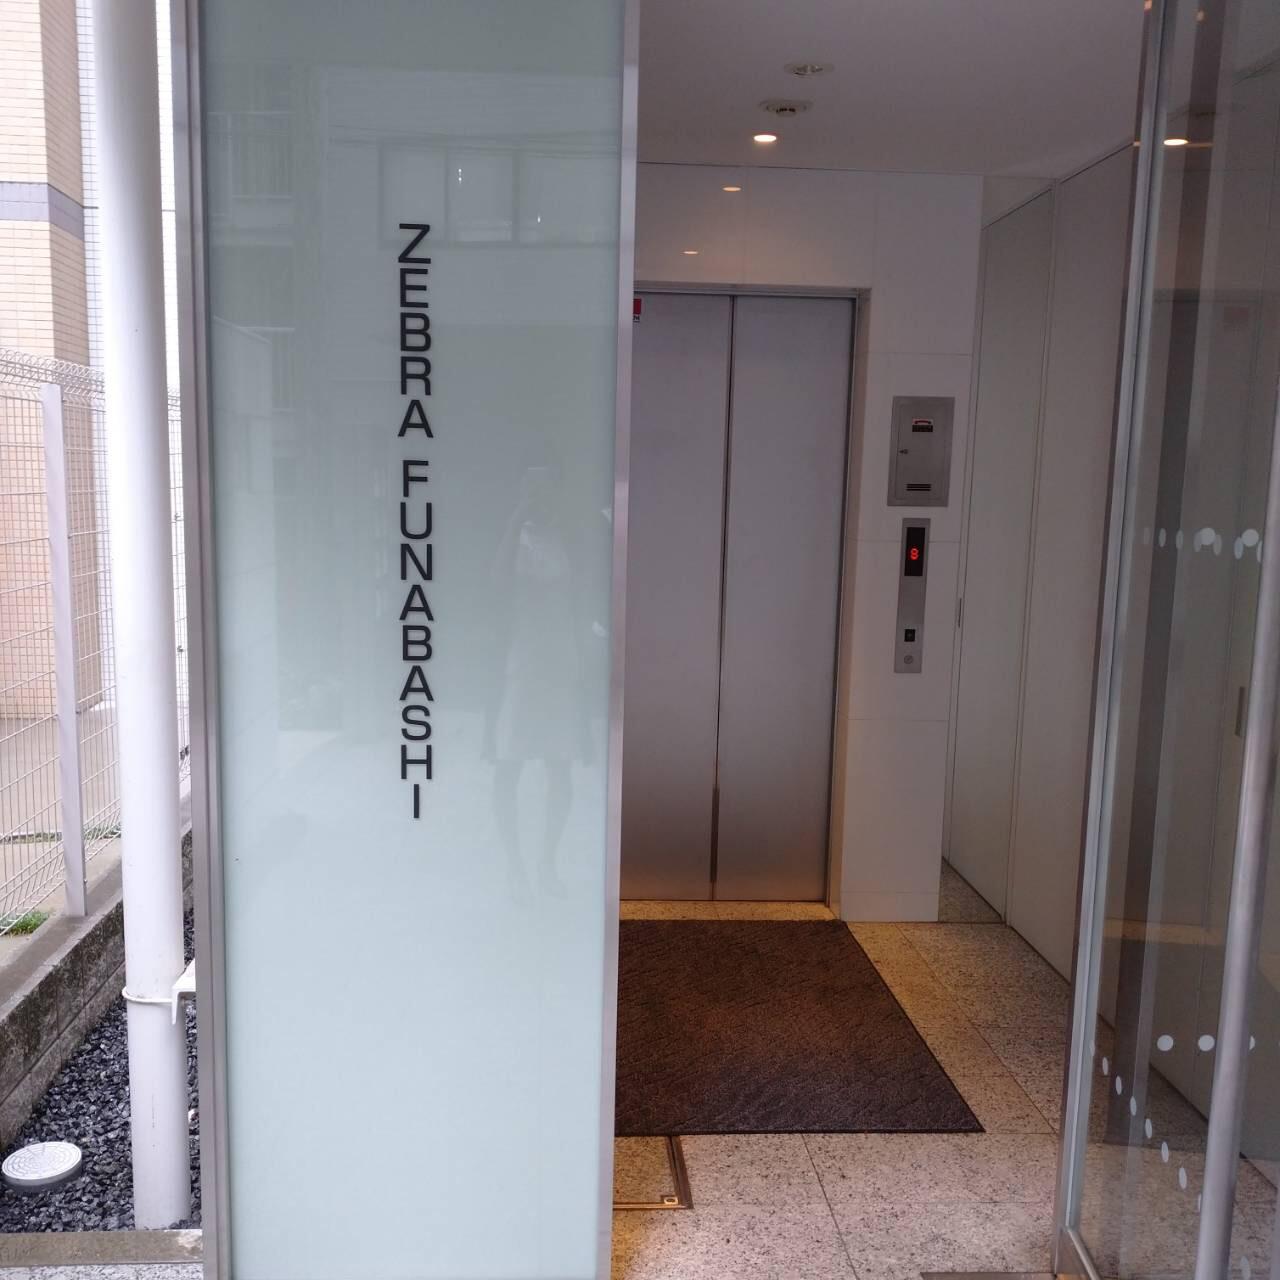 9.『ZEBRA FUNABASHI』横の入口にエレベータがございますので、こちらで4階までお越しください。